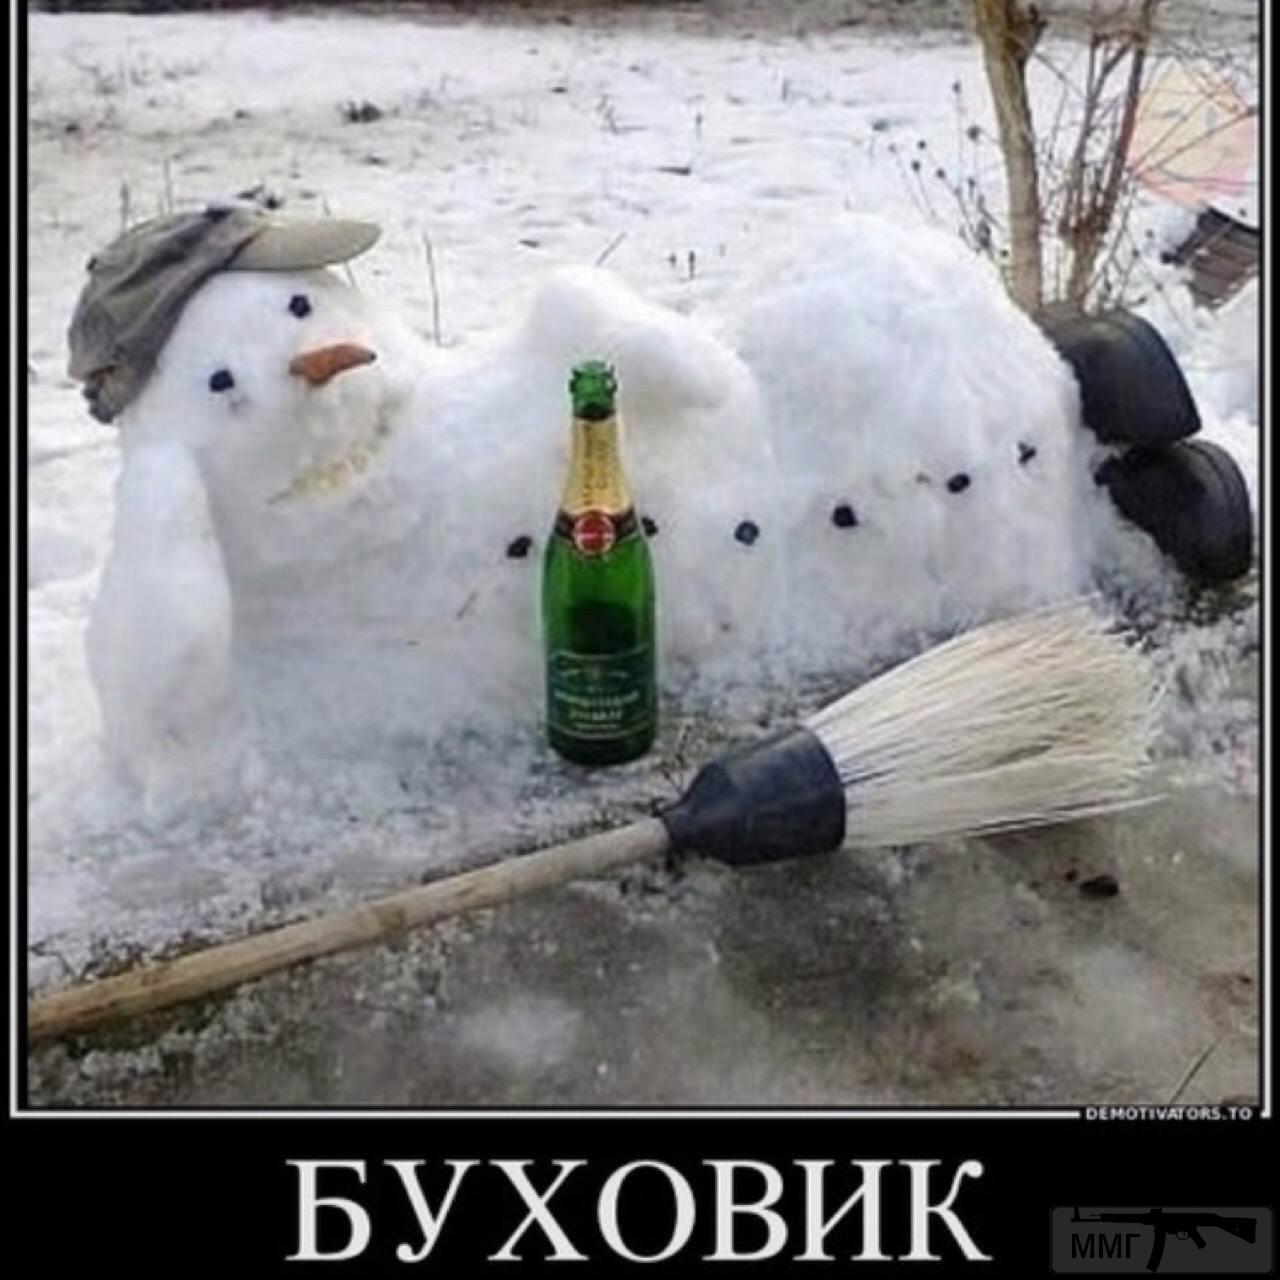 38274 - Пить или не пить? - пятничная алкогольная тема )))